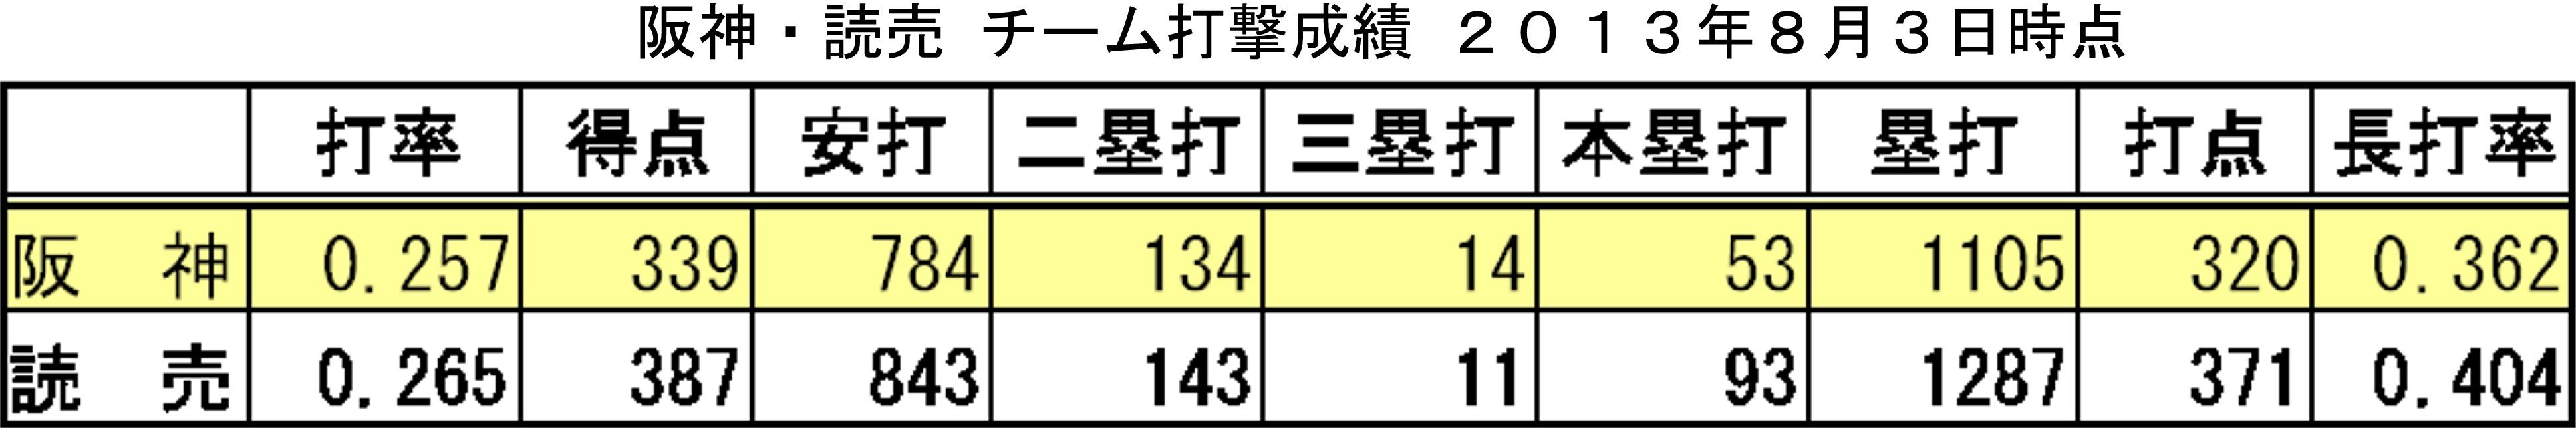 2013080411501862f.jpg